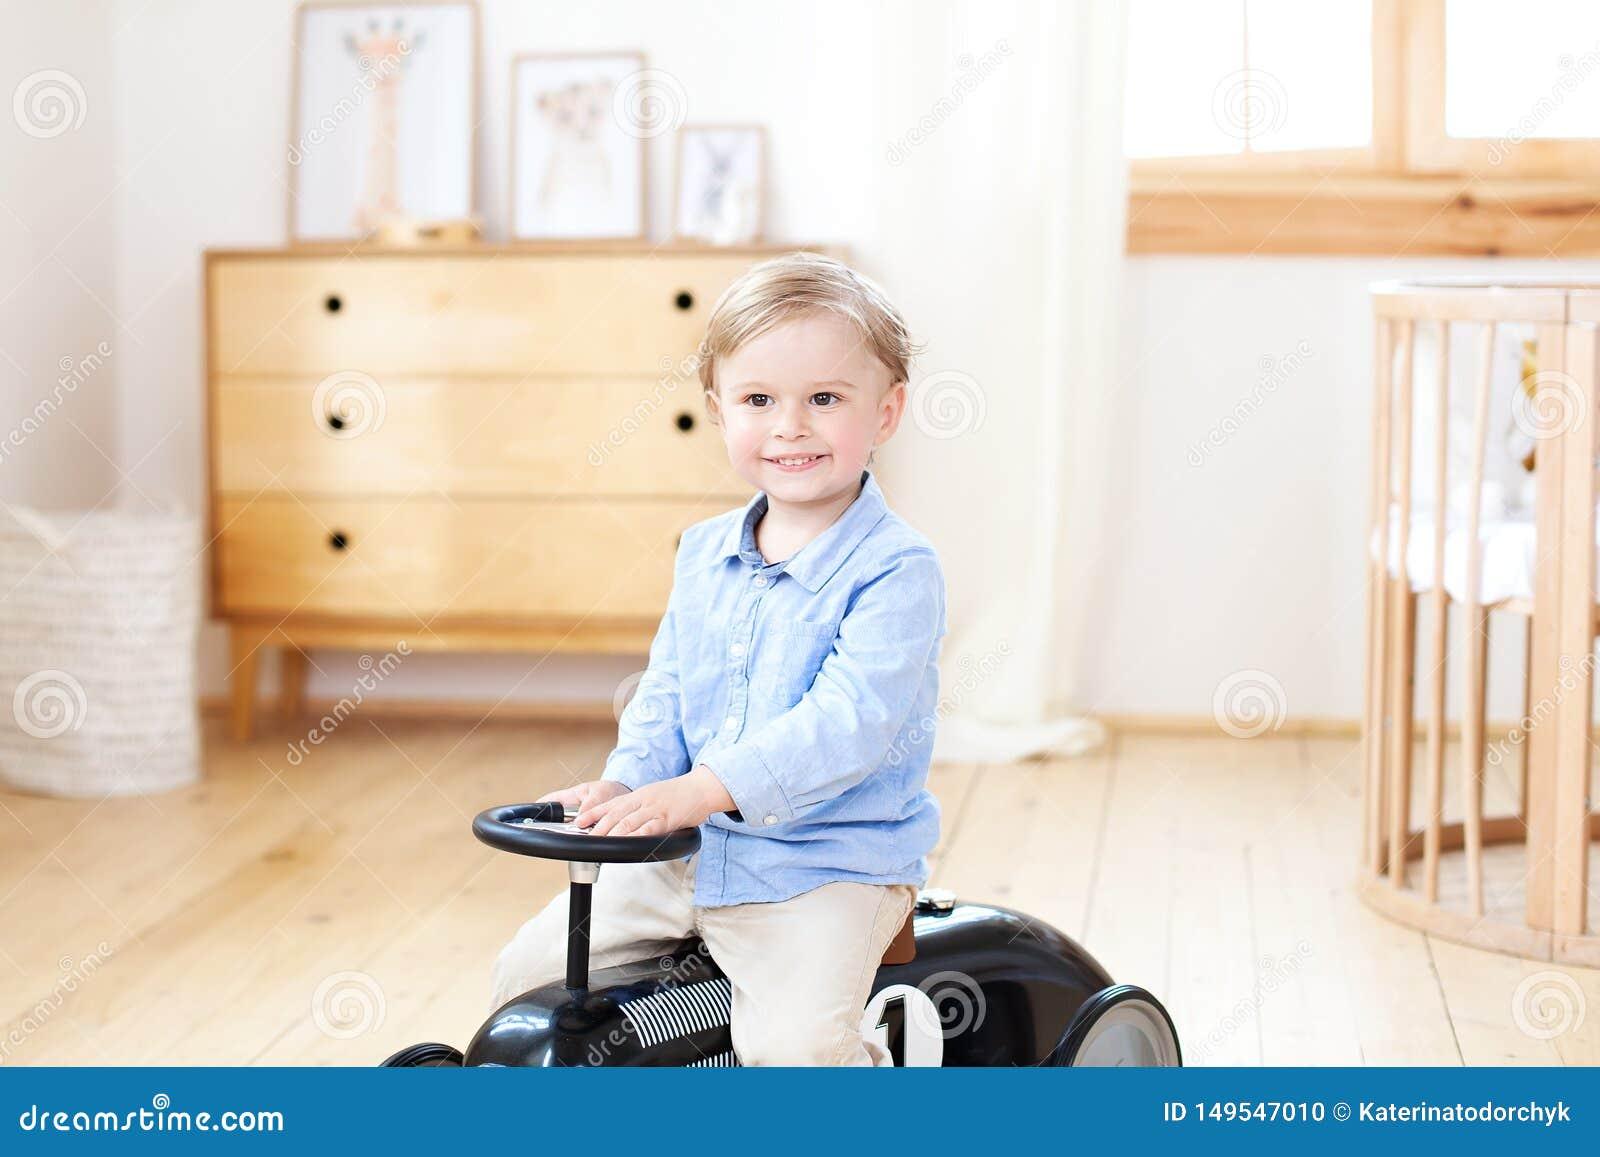 Coche sonriente del vintage del juguete del montar a caballo del niño del retrato Ni?o divertido que juega en casa Vacaciones de